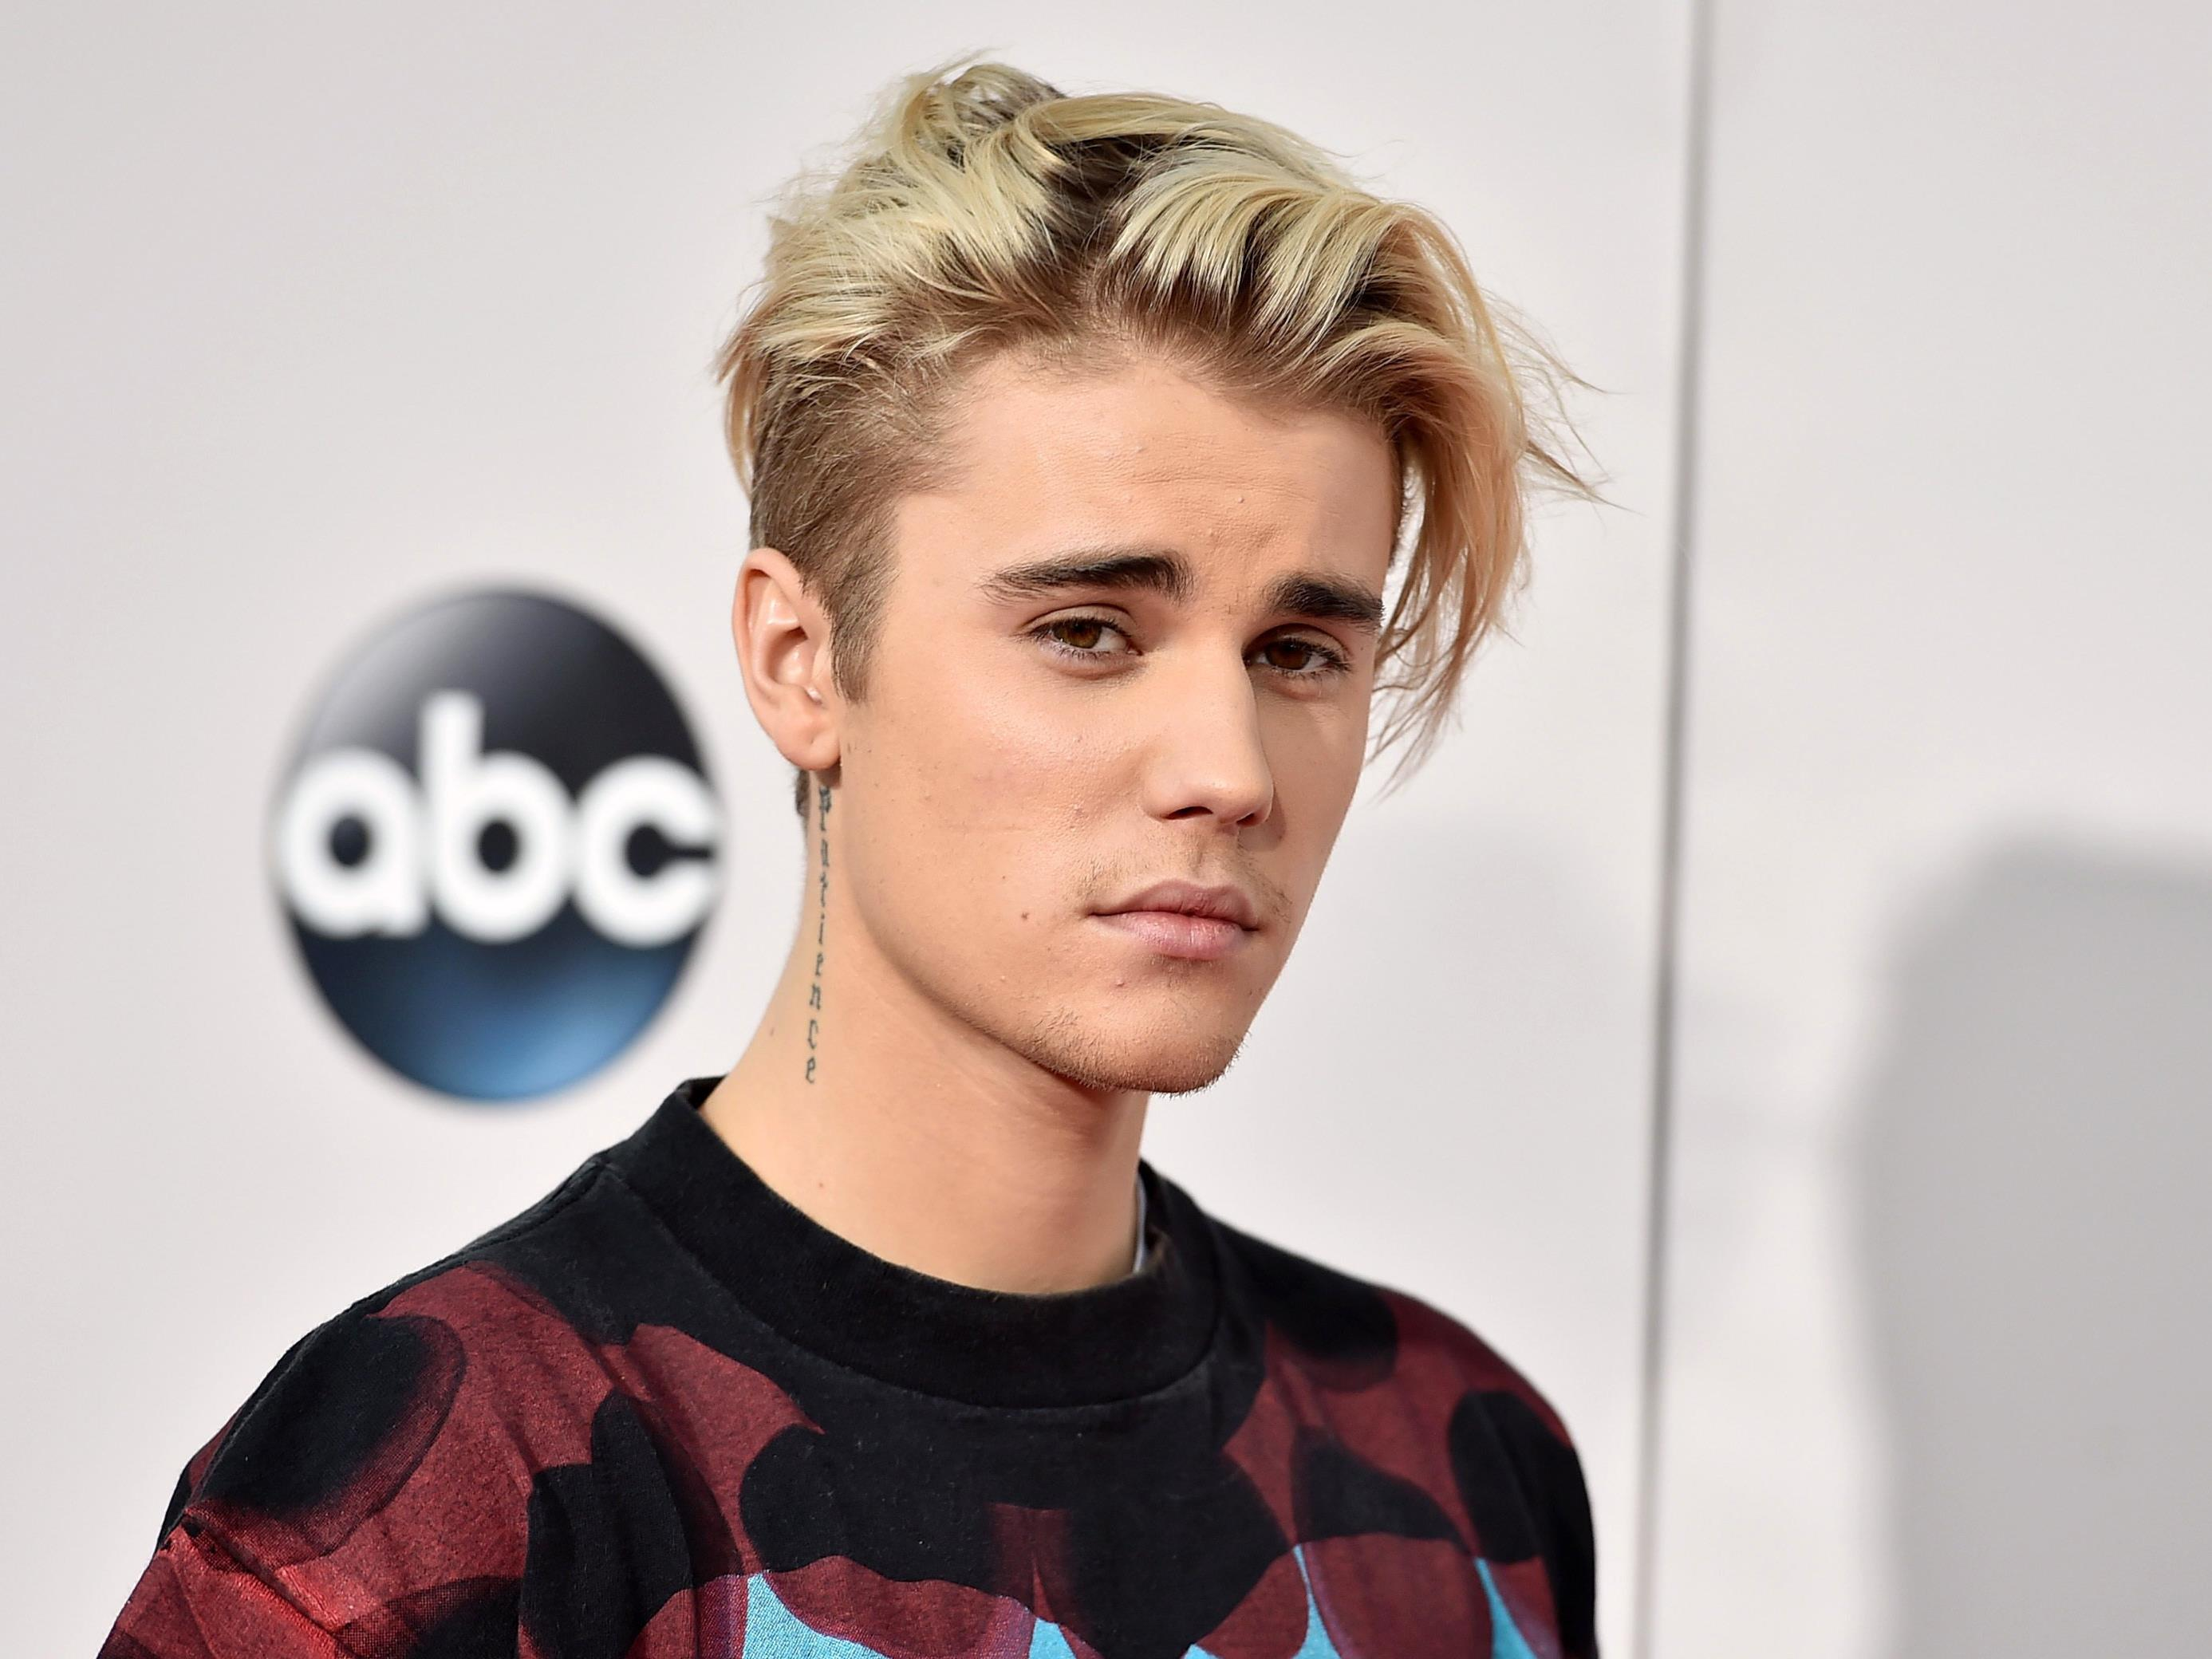 Bieber wünscht sich mehr Respekt von seinen Fans.